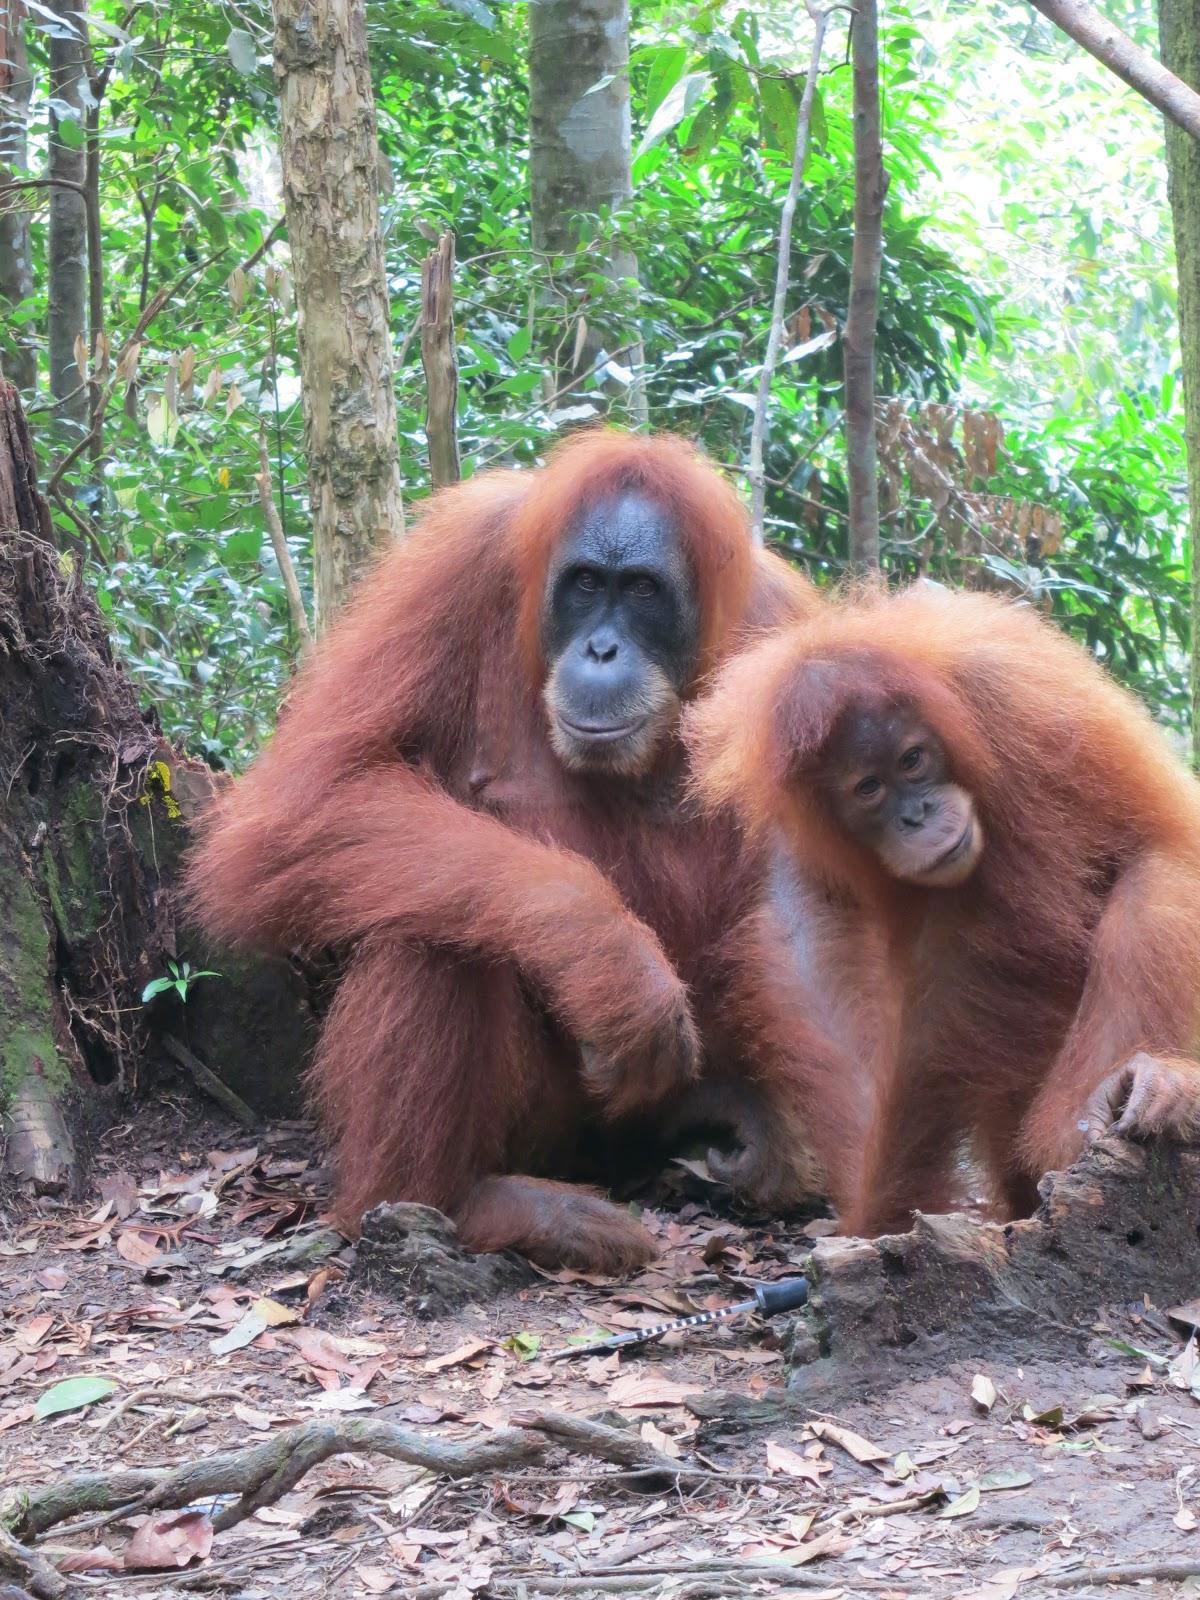 imagenes de animales haciendo el amor - Mujeres Haciendo El Amor Con Perros Web WebCrawler